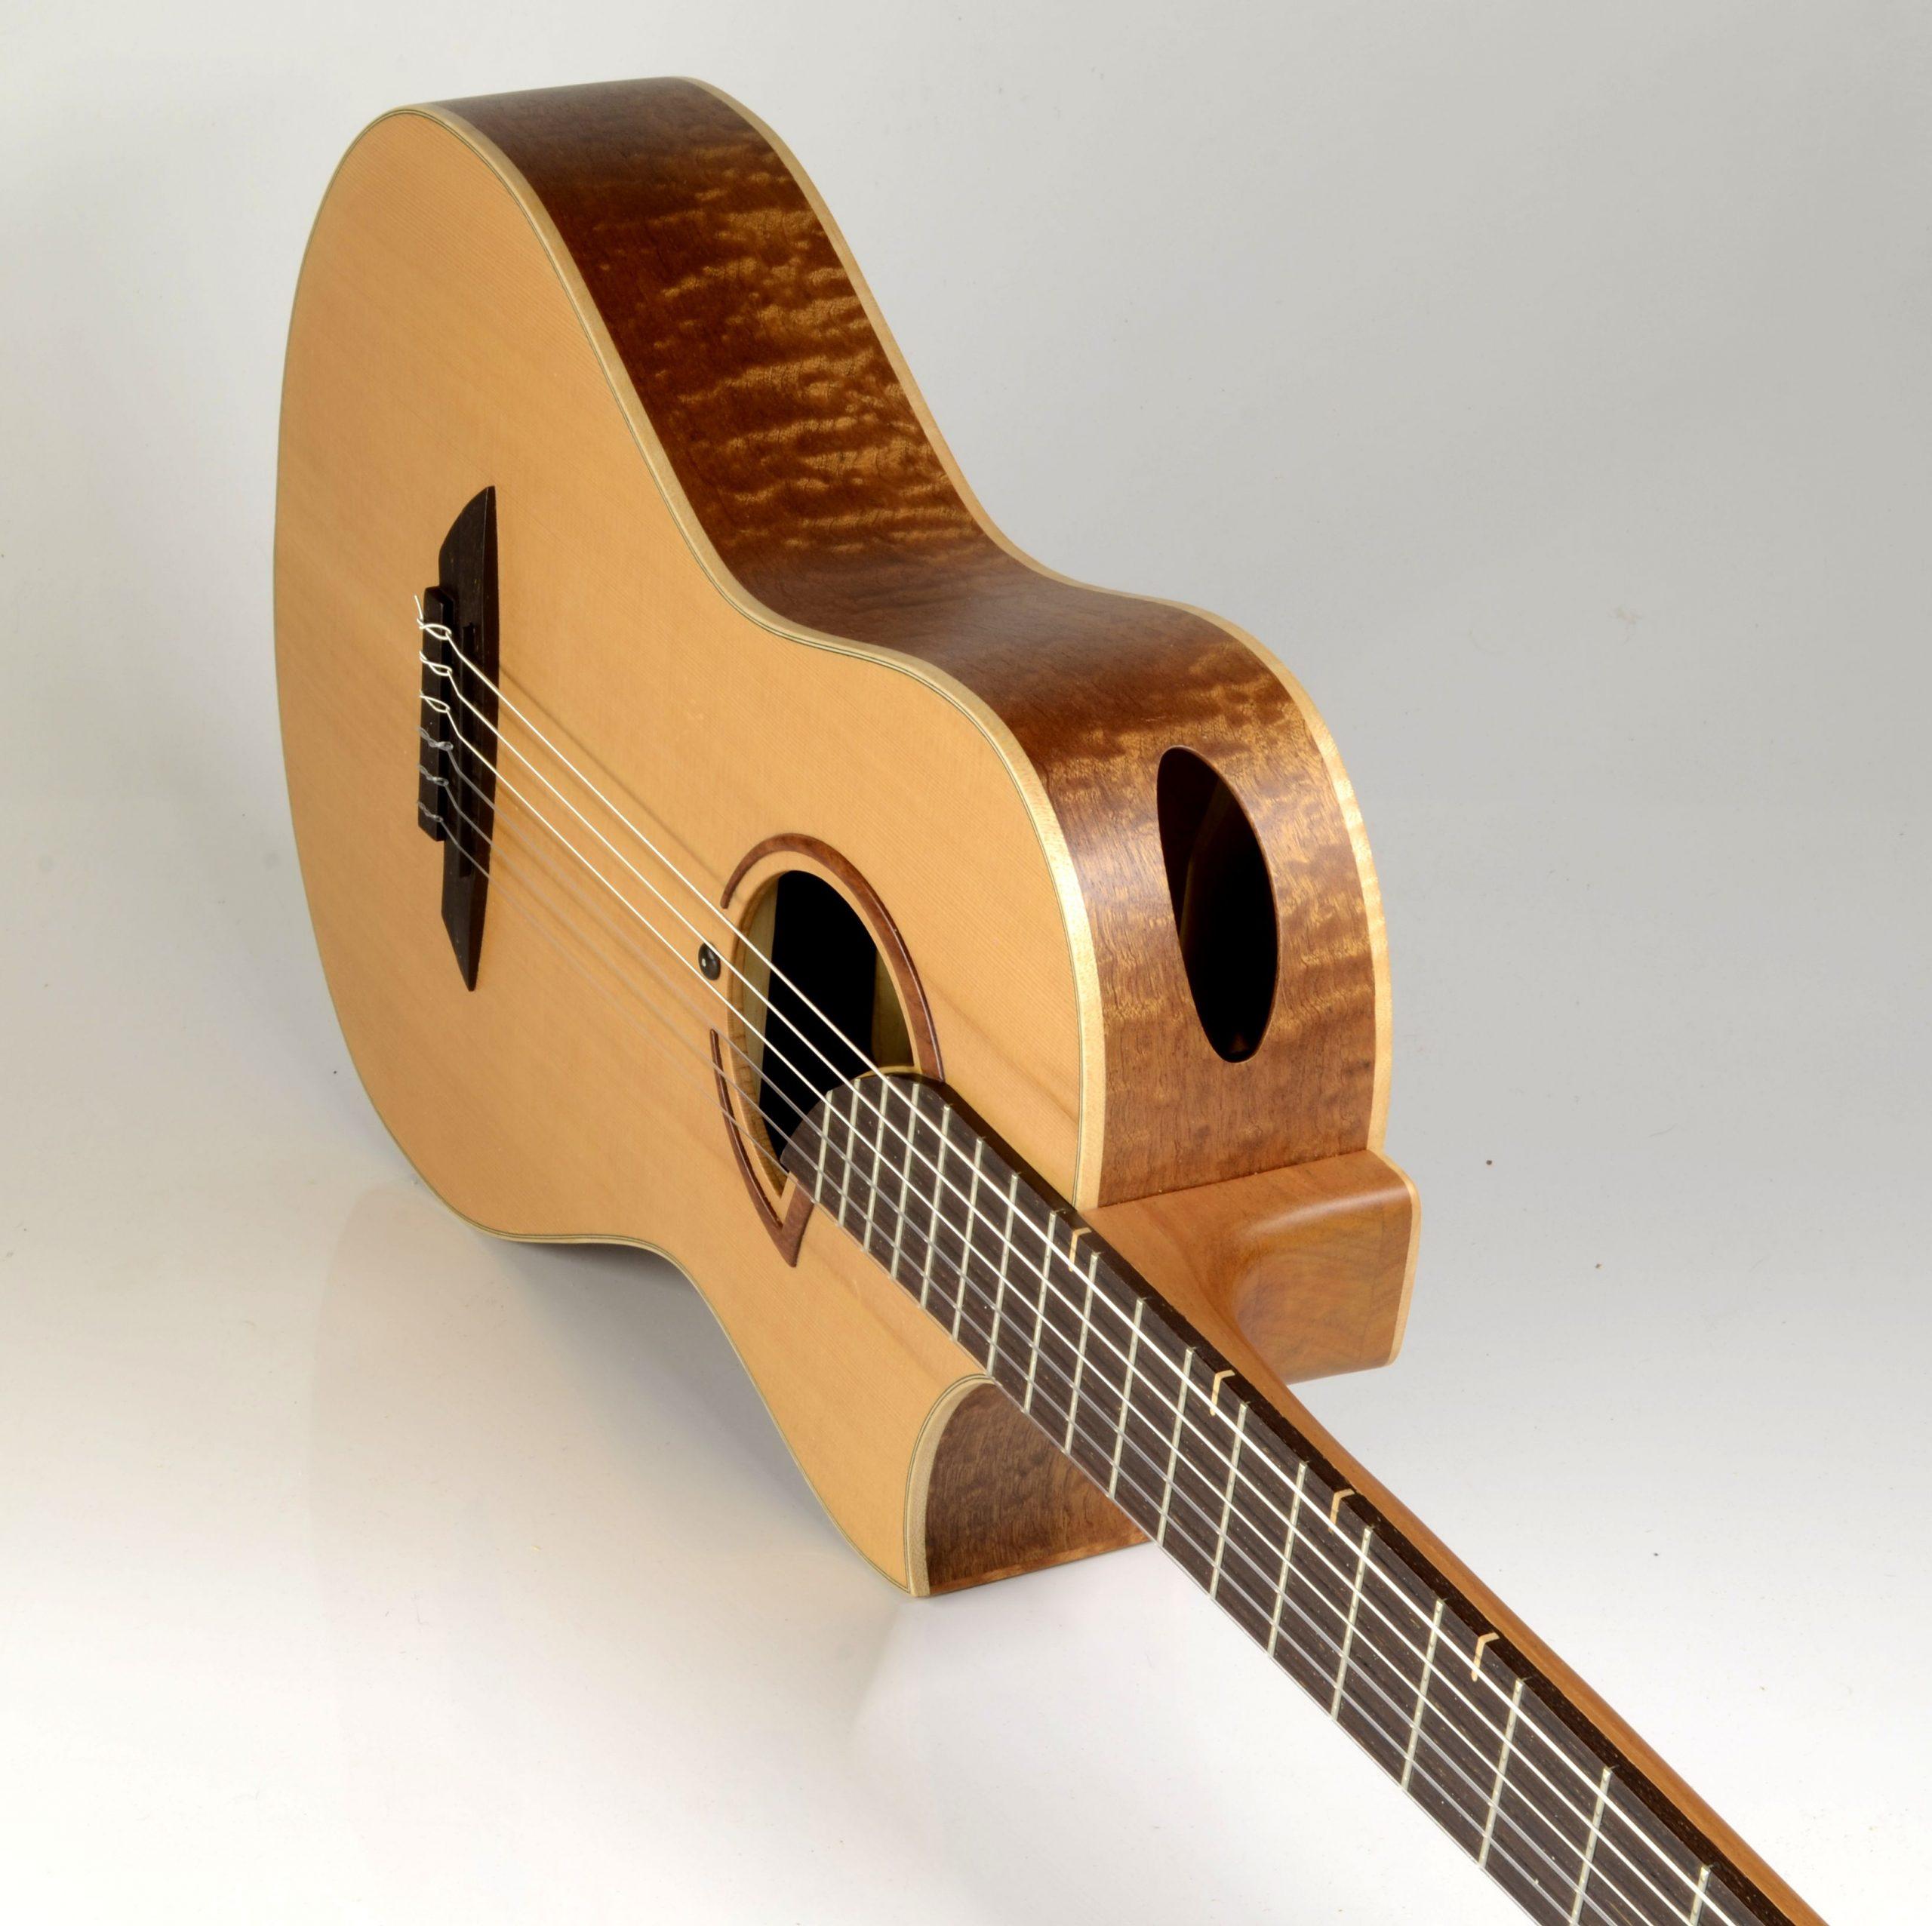 Ele classic in cedar and quilted sapele.. Kuun lattice soundboard. around US$5250